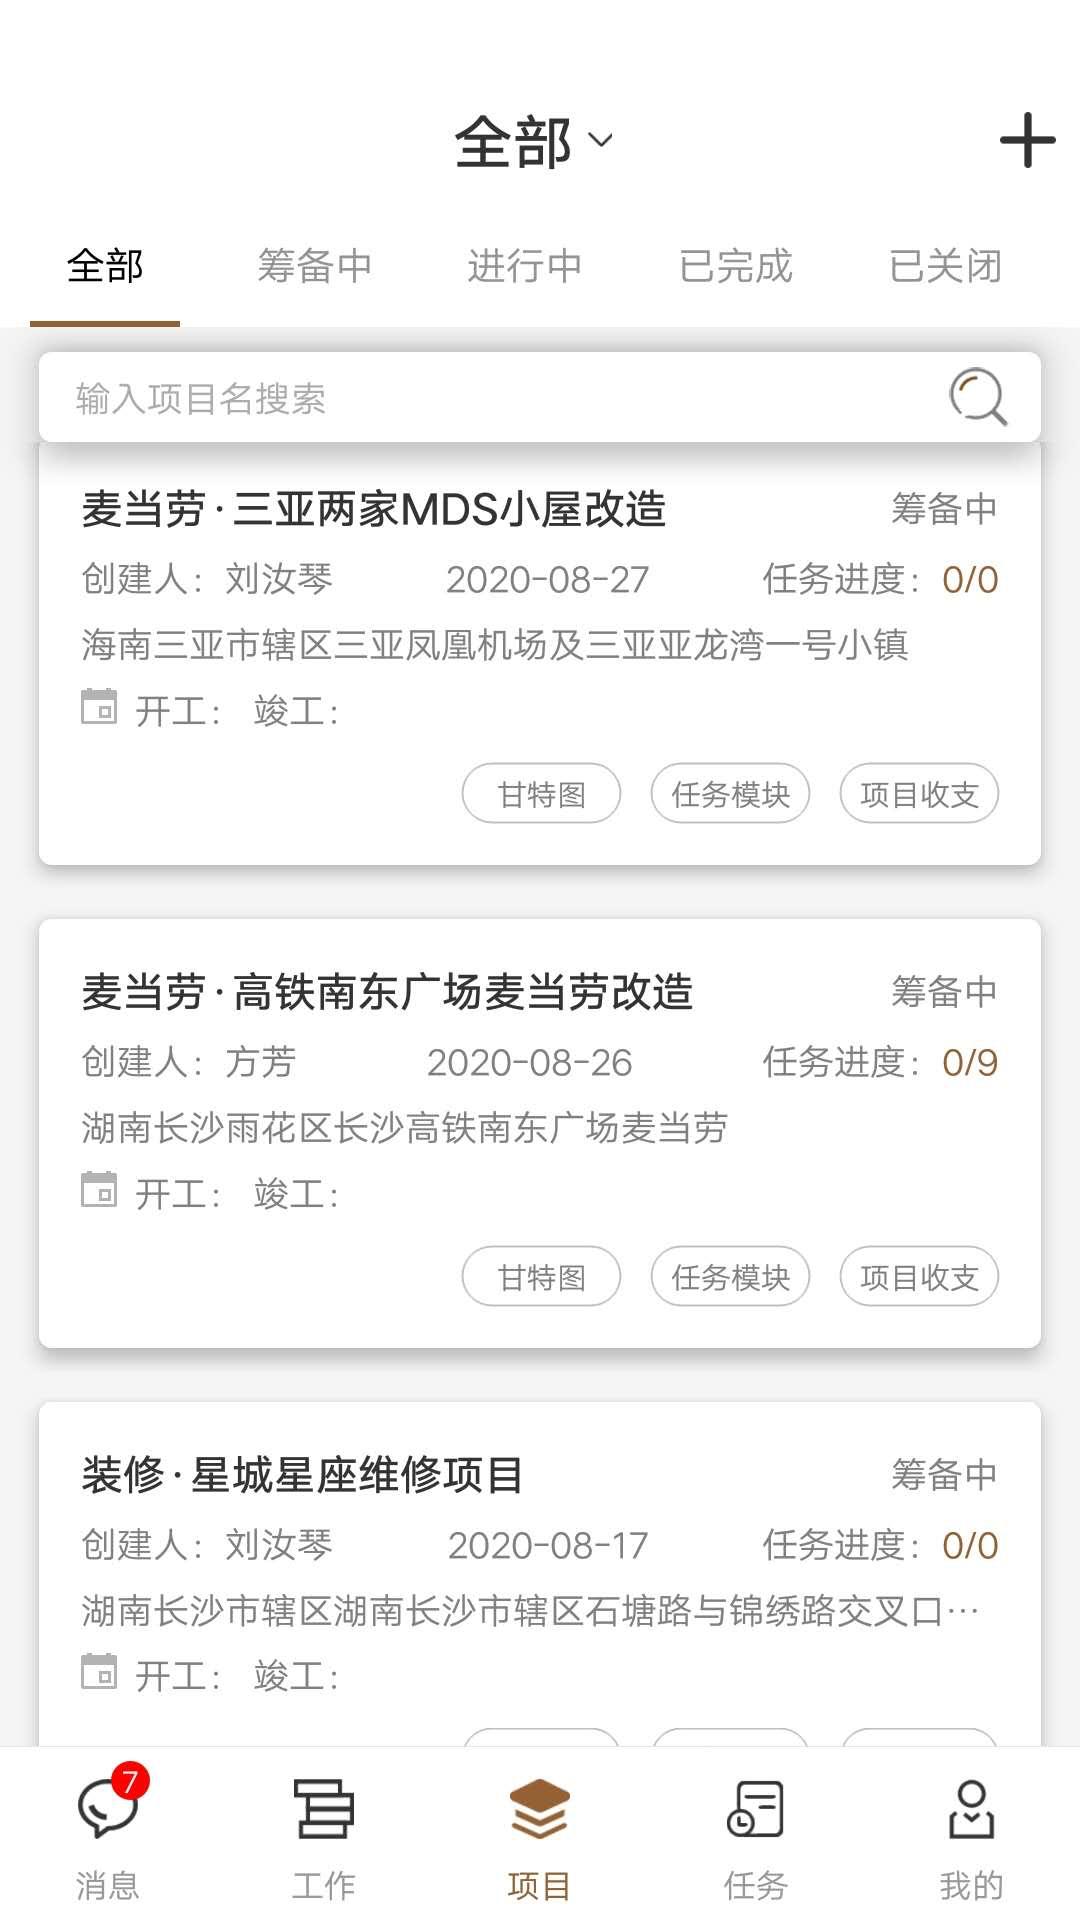 墨斗工程管理 V3.5 安卓版截图3